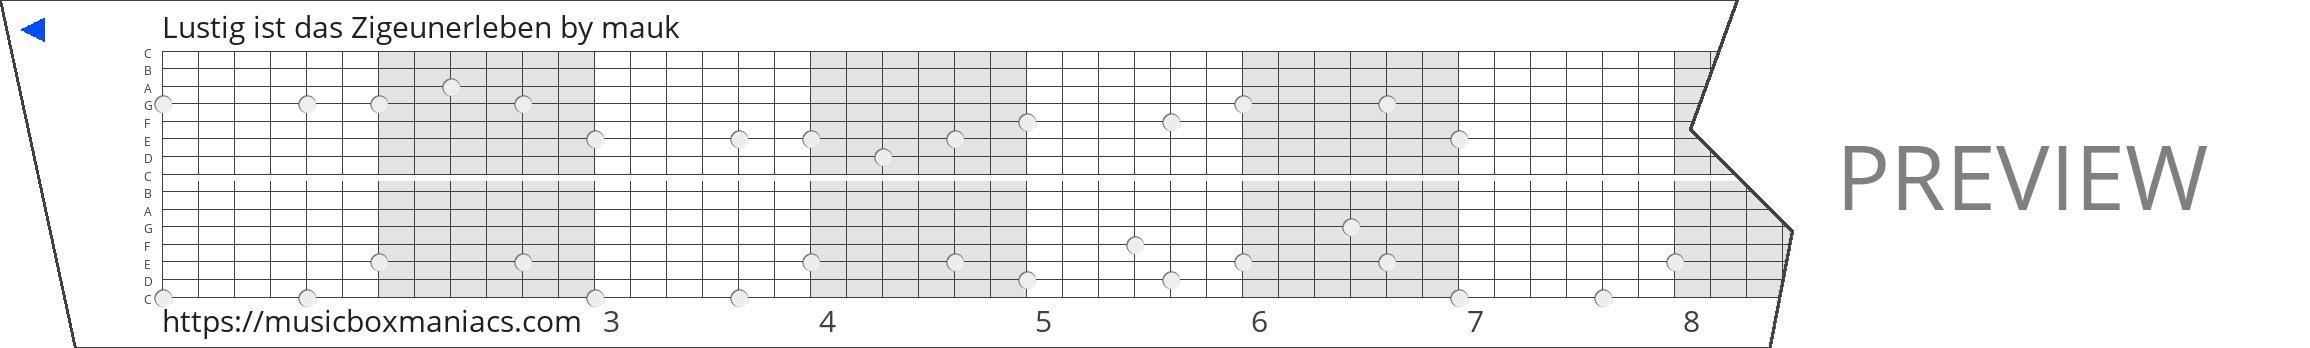 Lustig ist das Zigeunerleben 15 note music box paper strip